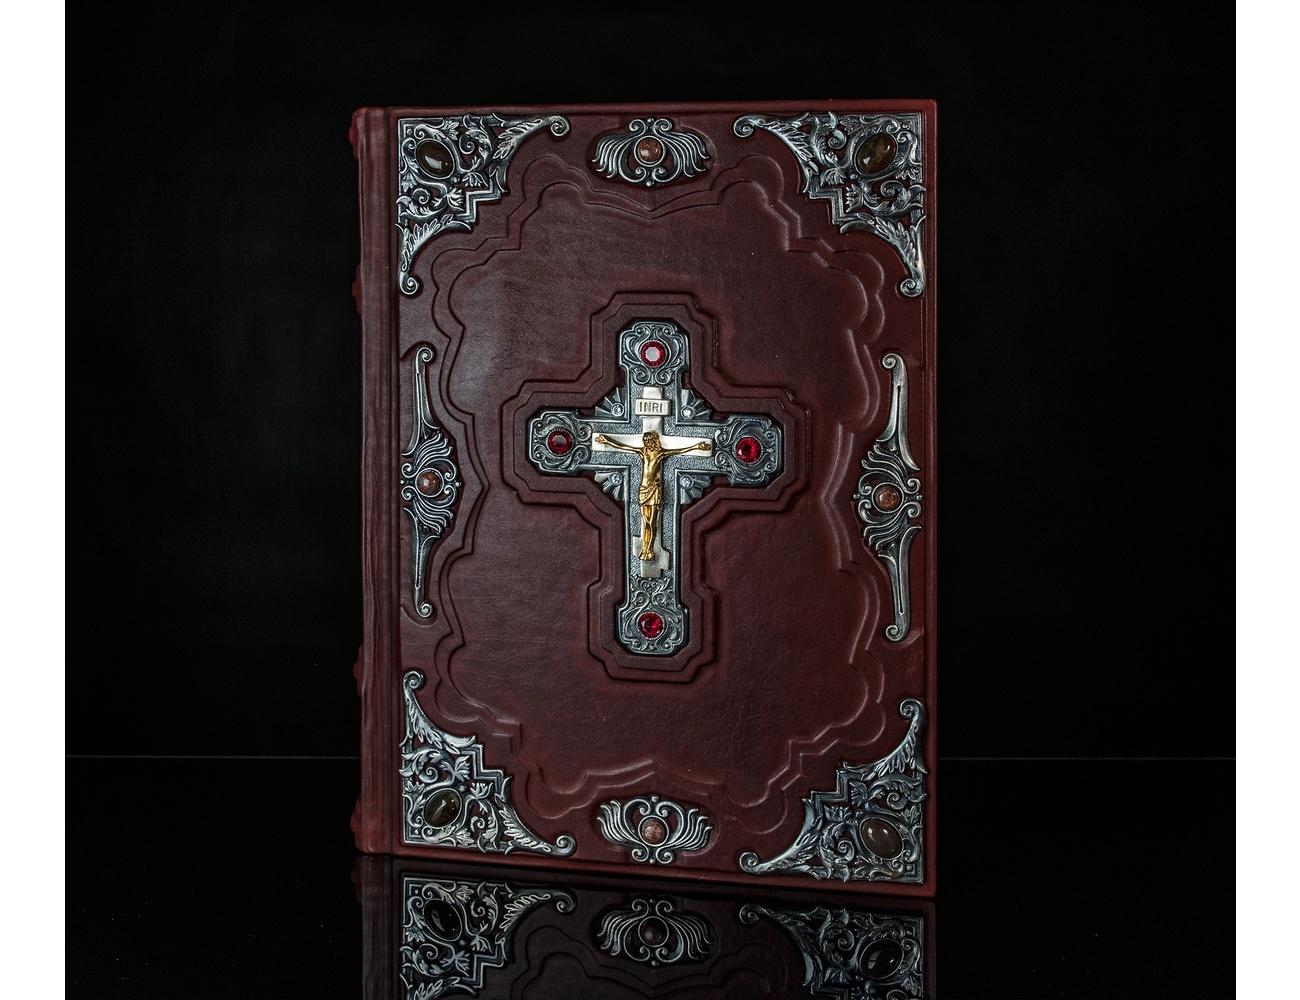 Библия с иллюстрациями Доре (посеребрённые накладки) Большой формат от 26 000 руб